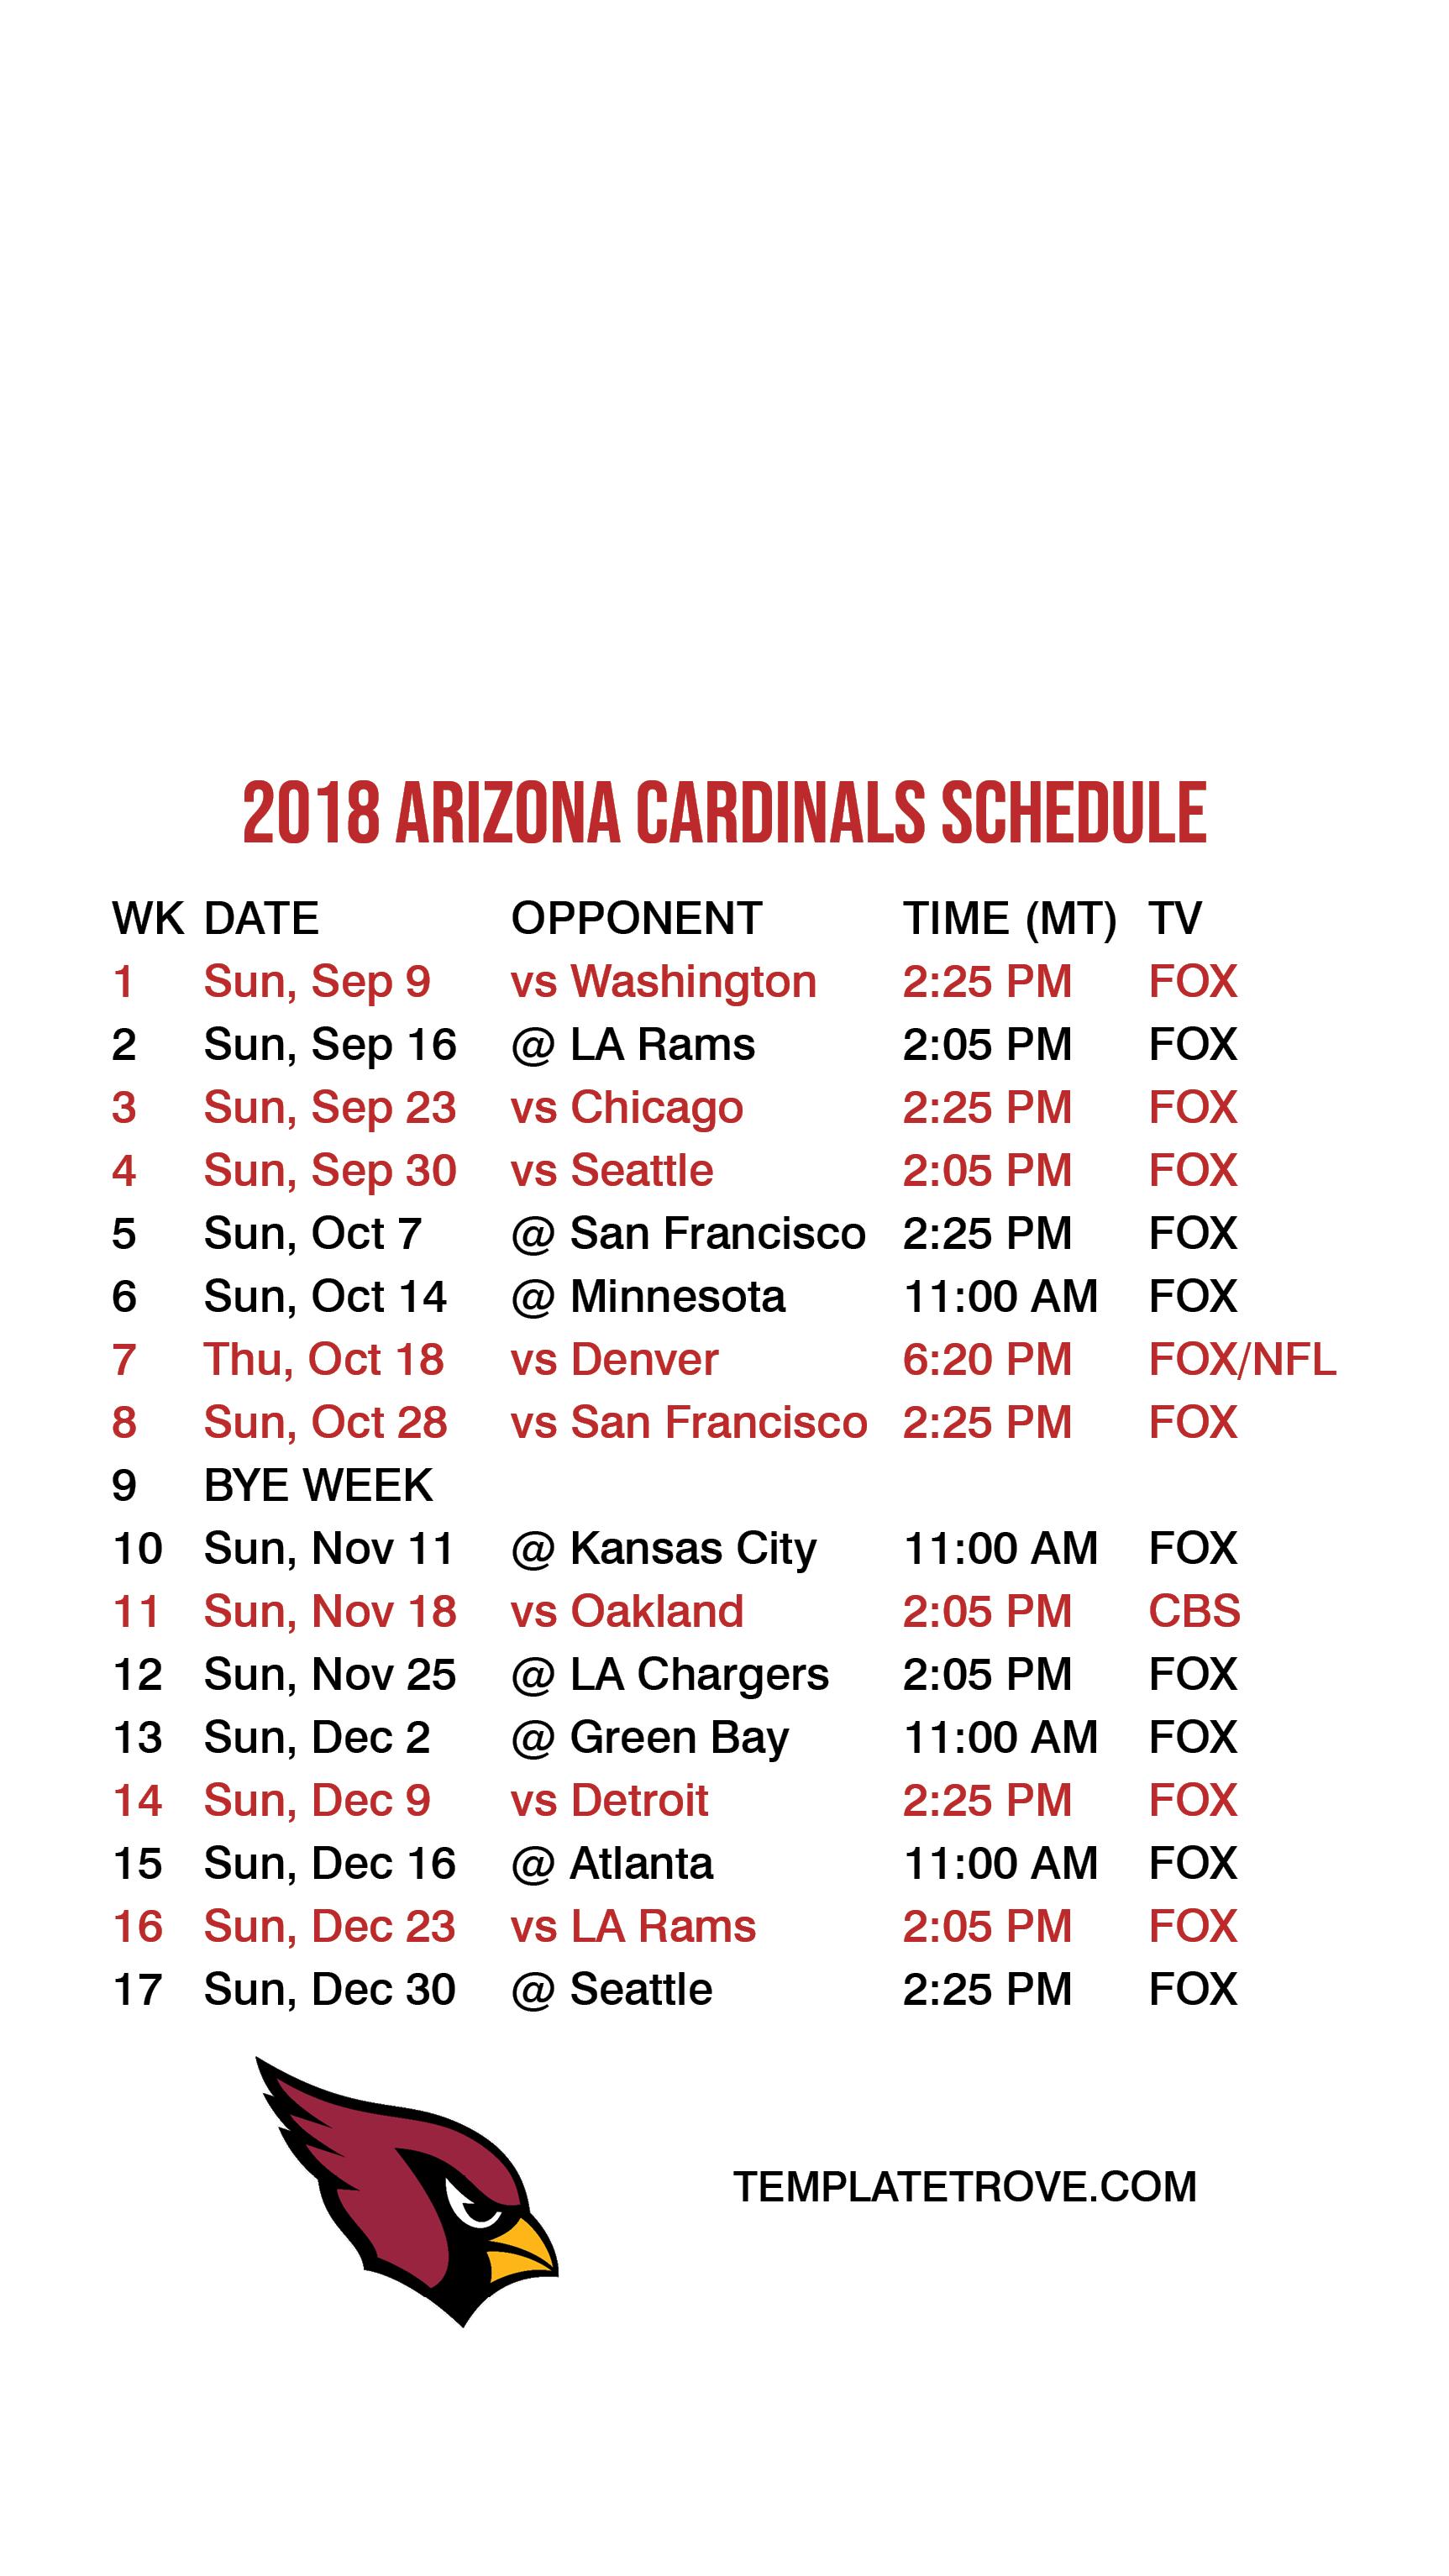 Iphone 49ers Wallpaper 2018 2019 Arizona Cardinals Lock Screen Schedule For